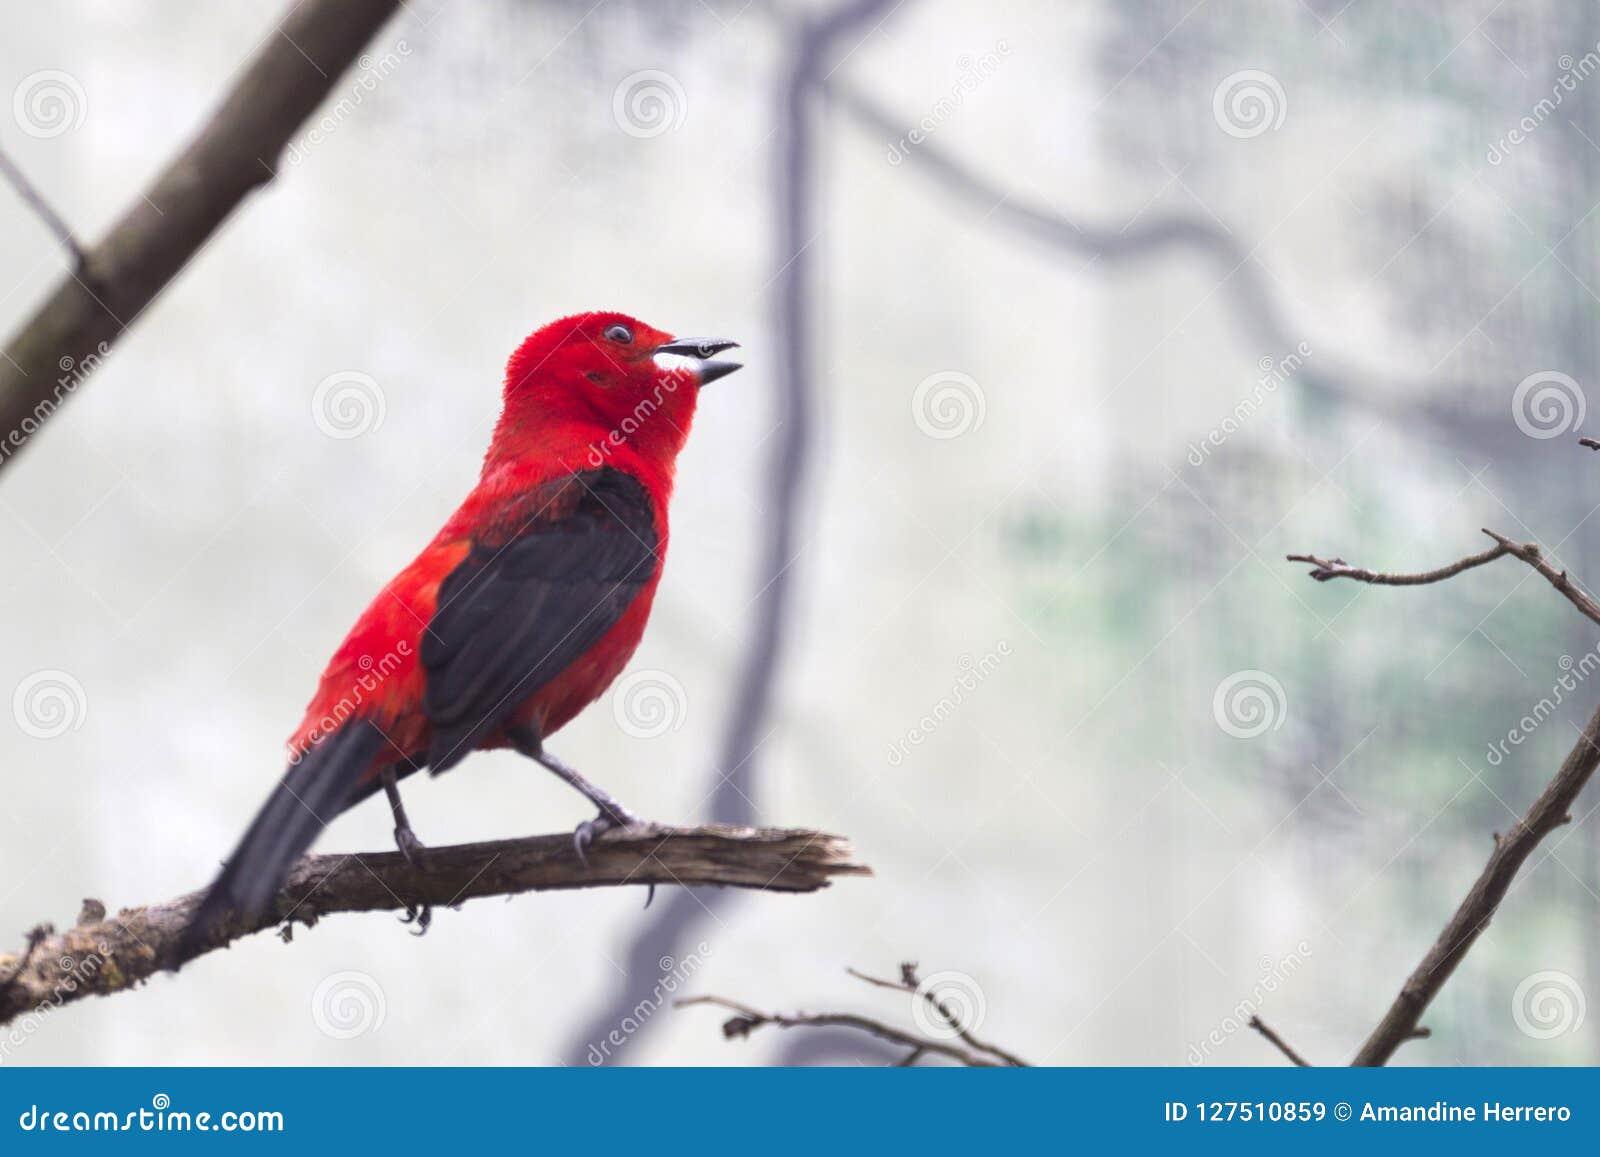 Fotografía en color de un pájaro rojo del Brasil